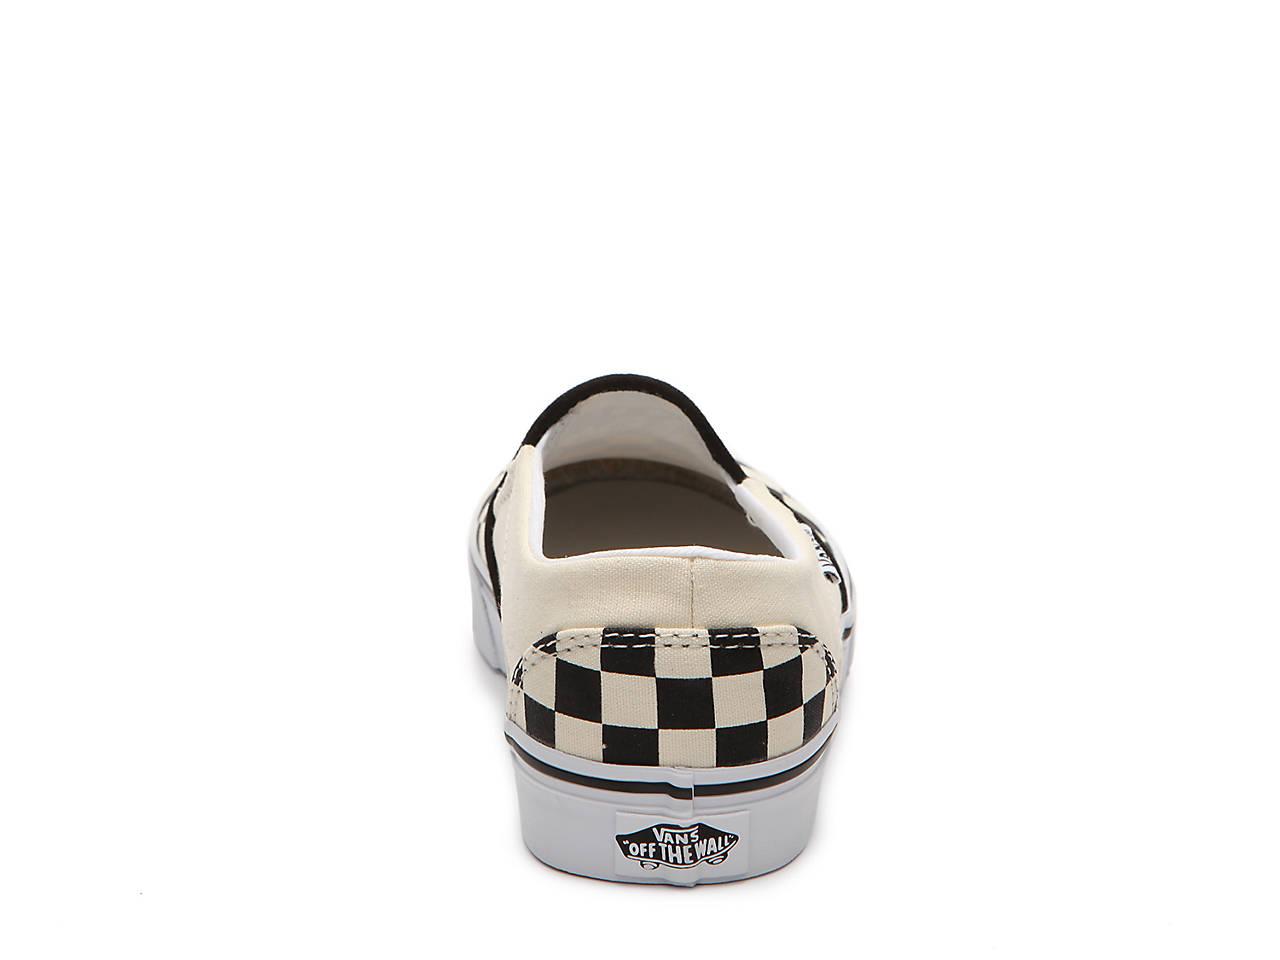 c74843ccbc Vans Asher Slip-On Sneaker - Women s Women s Shoes